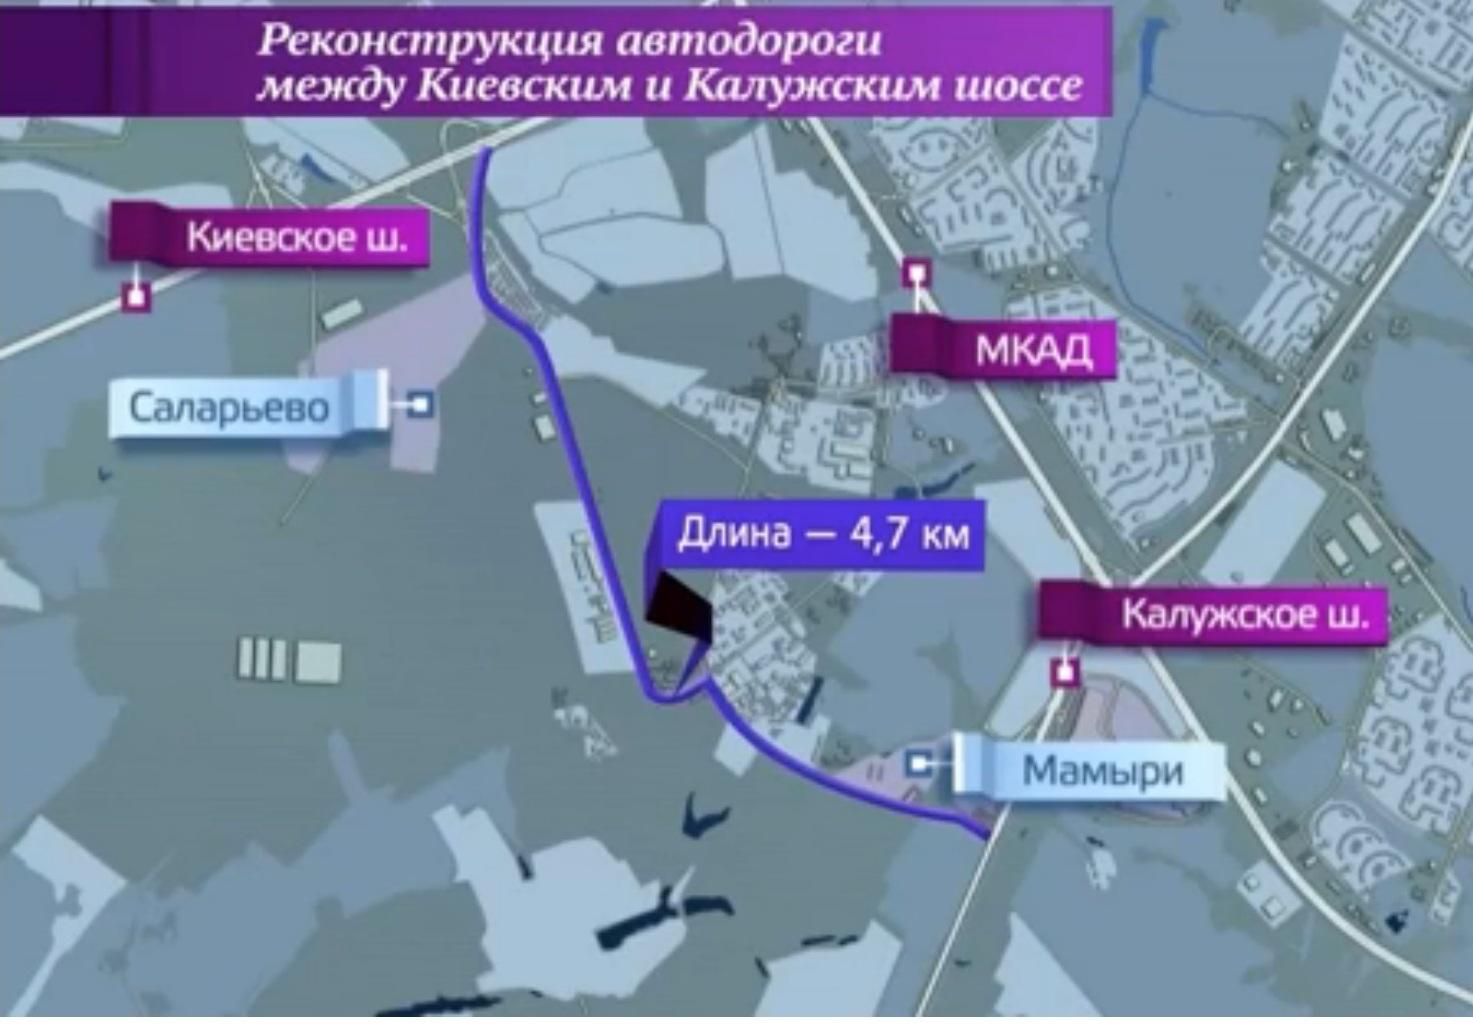 поселок между калужским и киевским шоссе нельзя